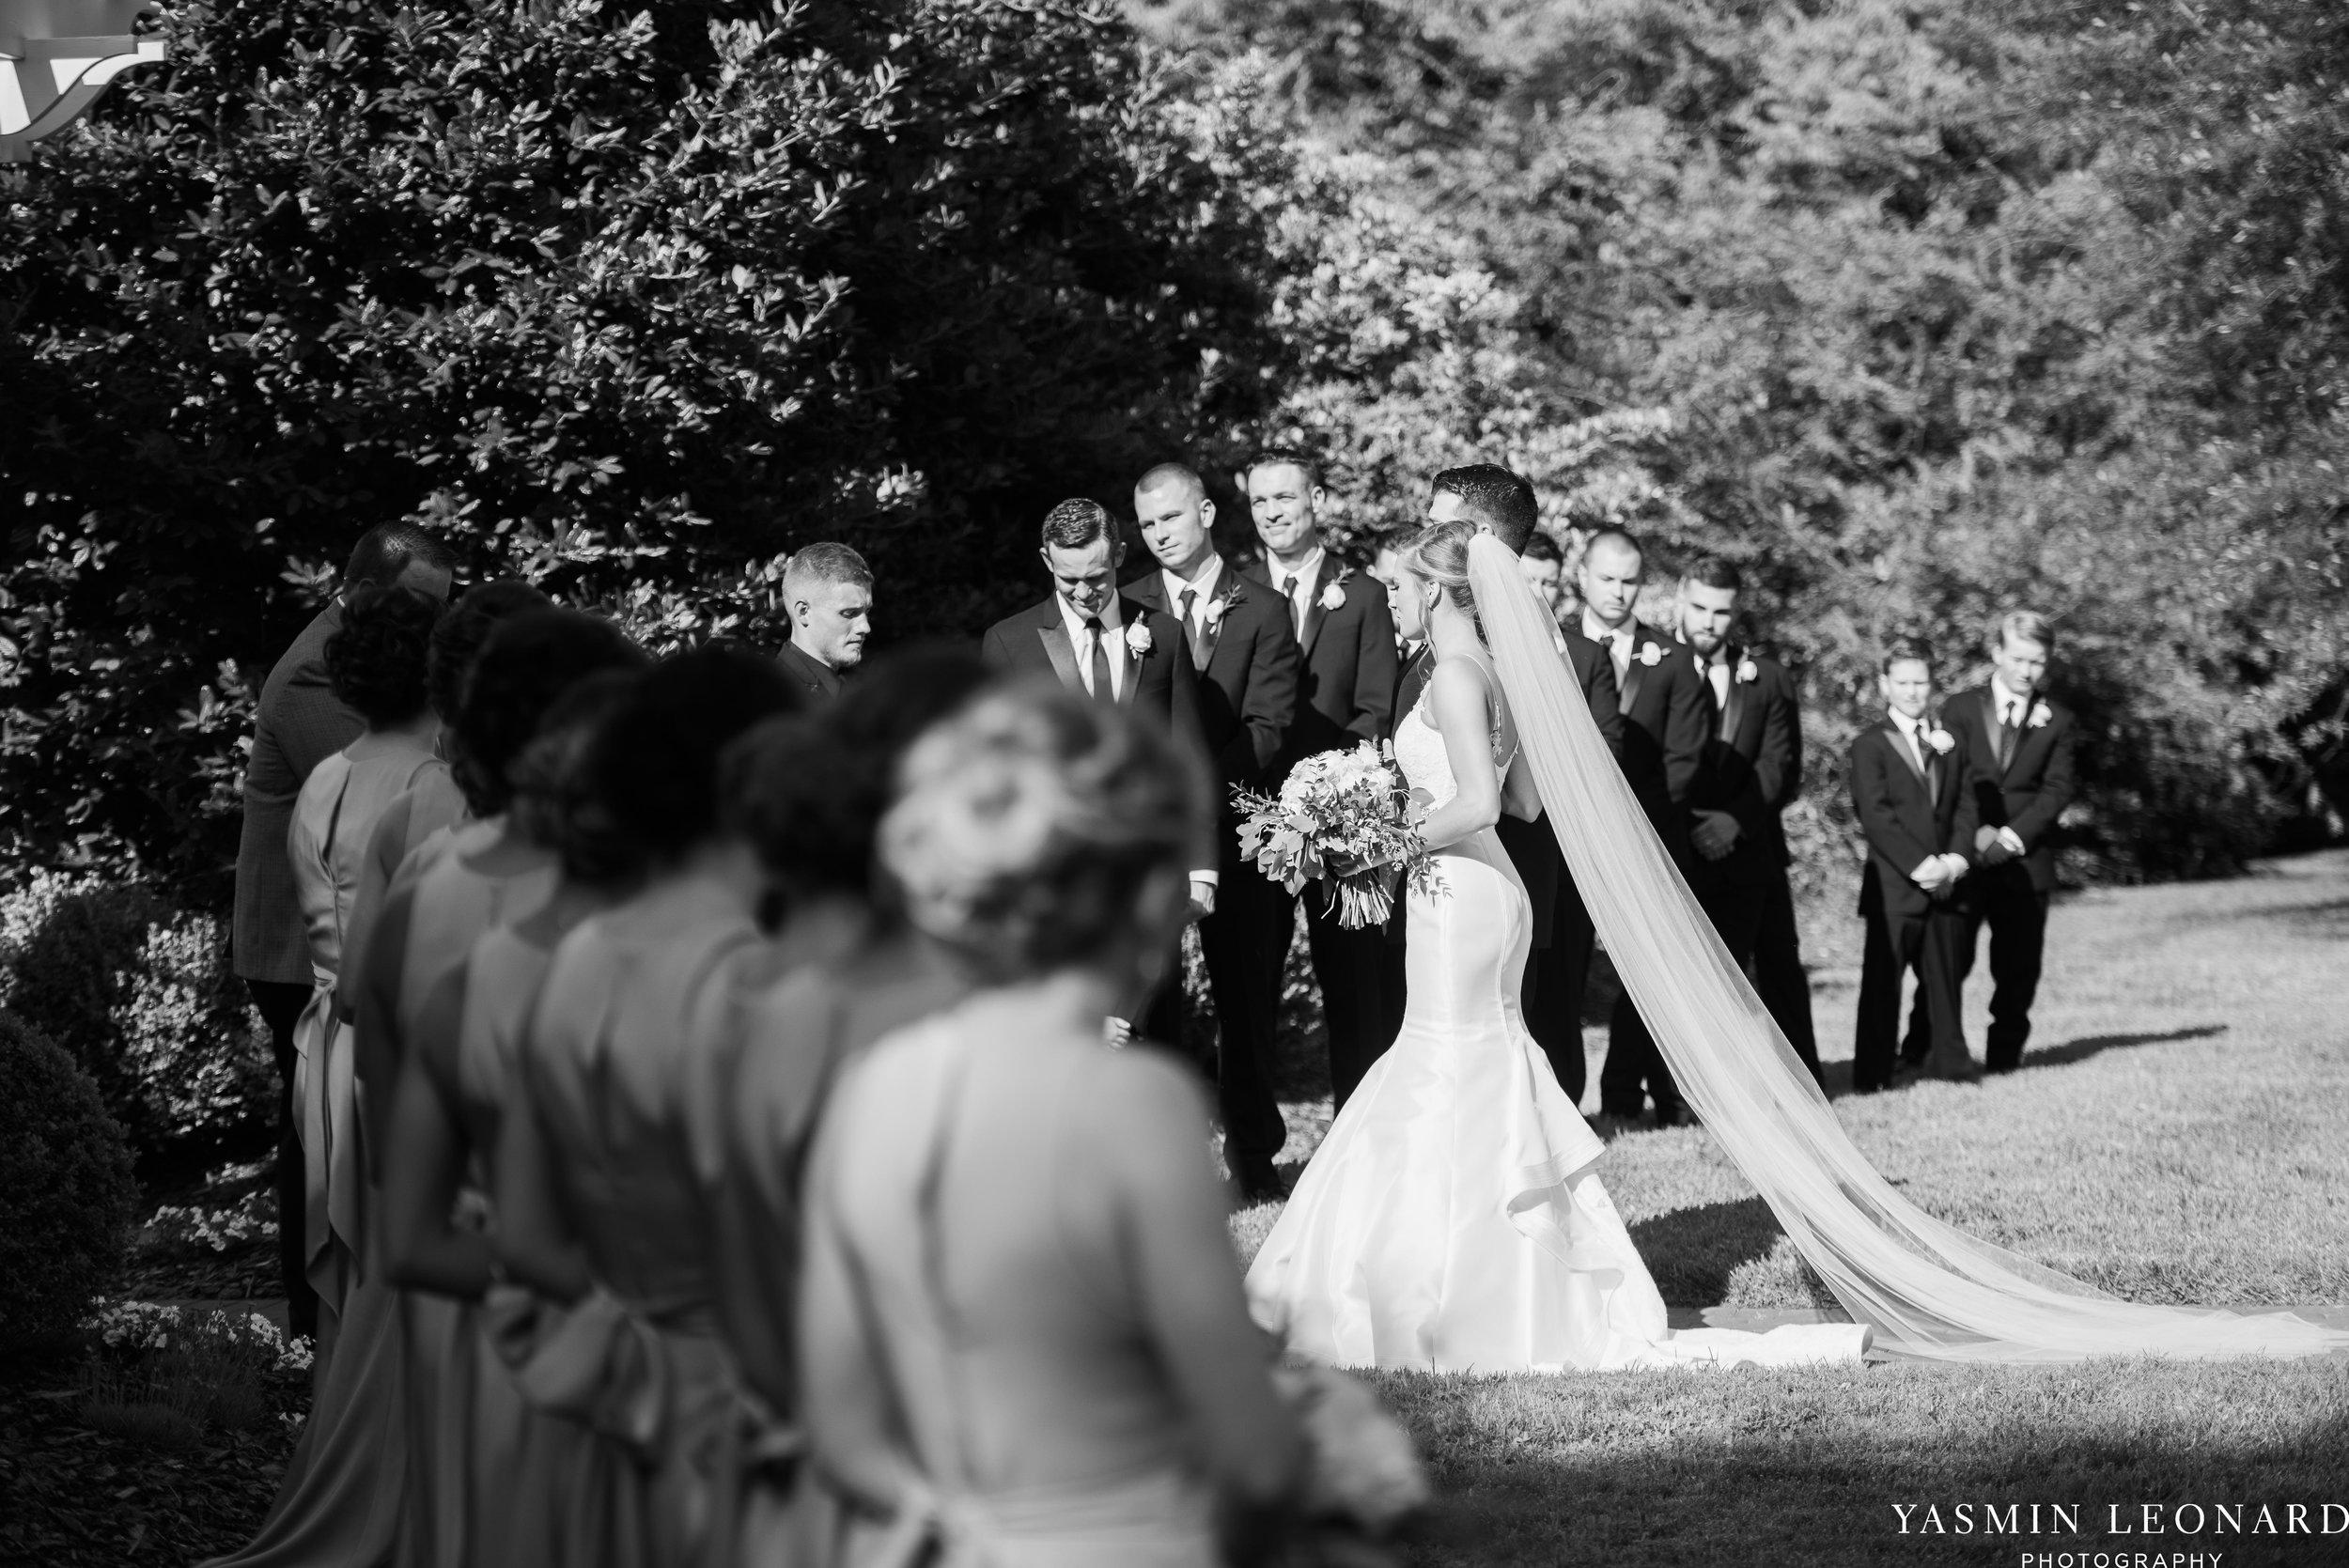 Boxwood Estate - Boxwood Estate Wedding - Luxury Wedding - Black and White Wedding - NC Wedding Venues - NC Weddings - NC Photographer - Lantern Release Grand Exit - Large Wedding Party - Yasmin Leonard Photography-28.jpg